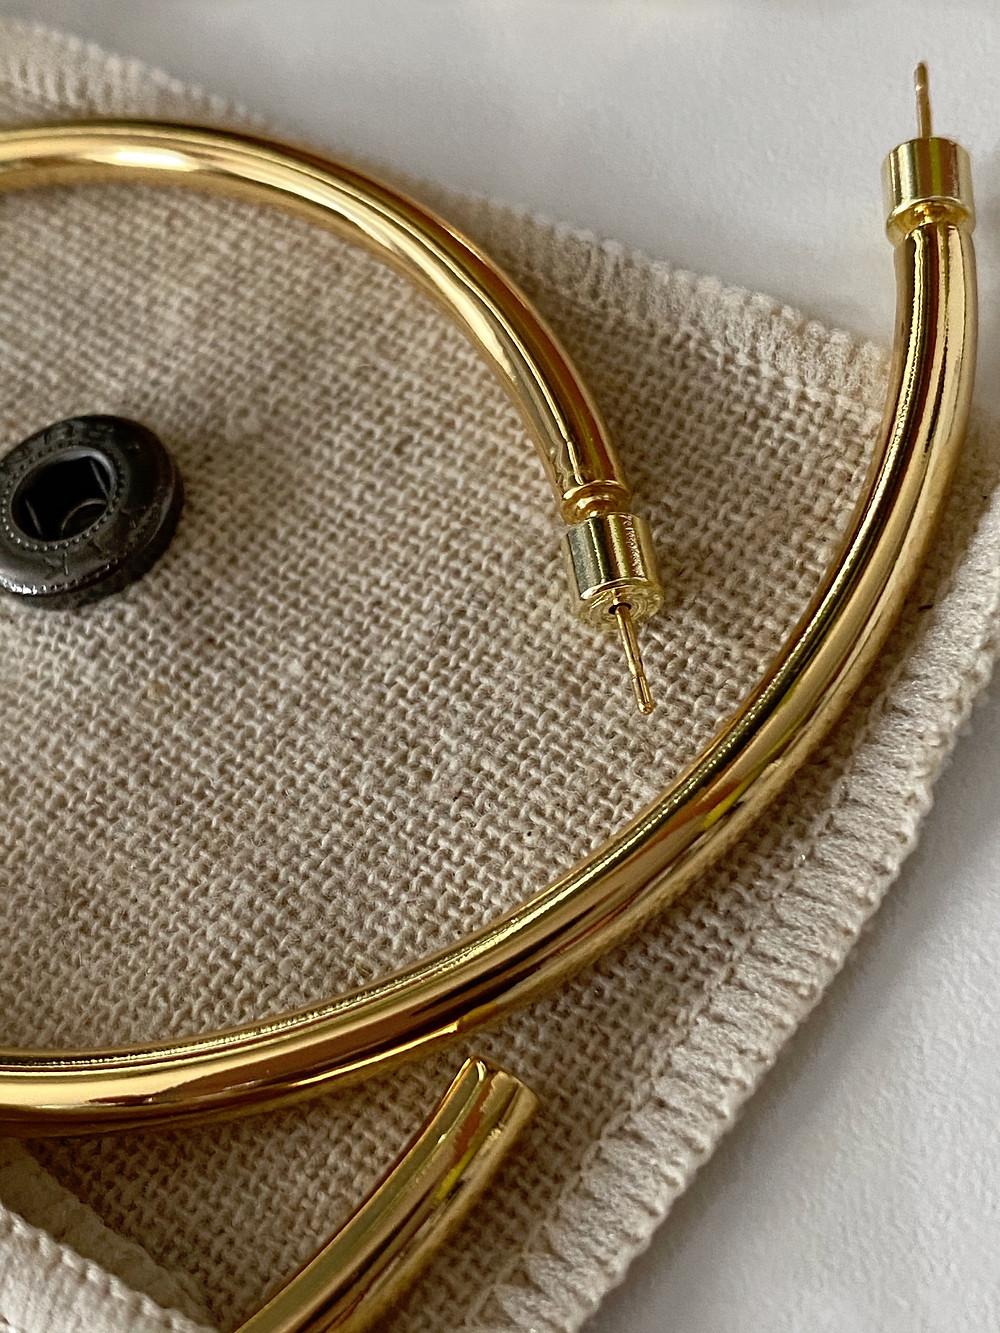 Jewelry Brand Gyspy by Knature